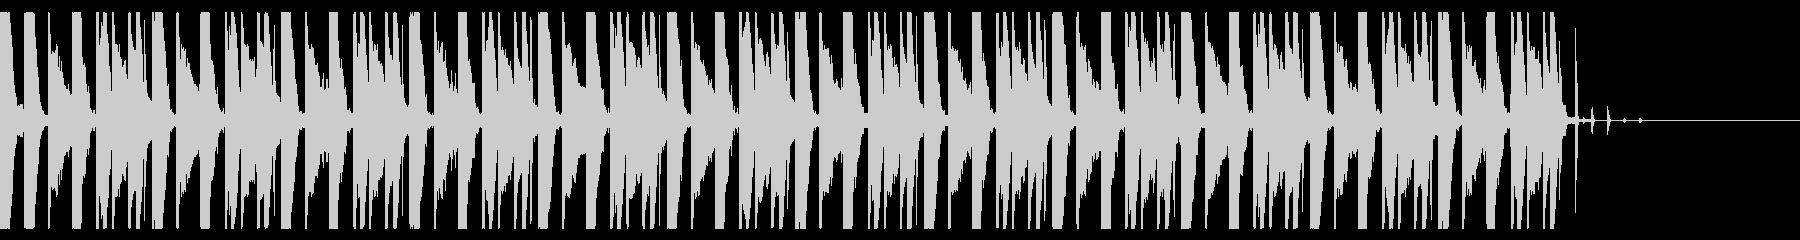 ファミコンゲームのピコピコしている音の未再生の波形